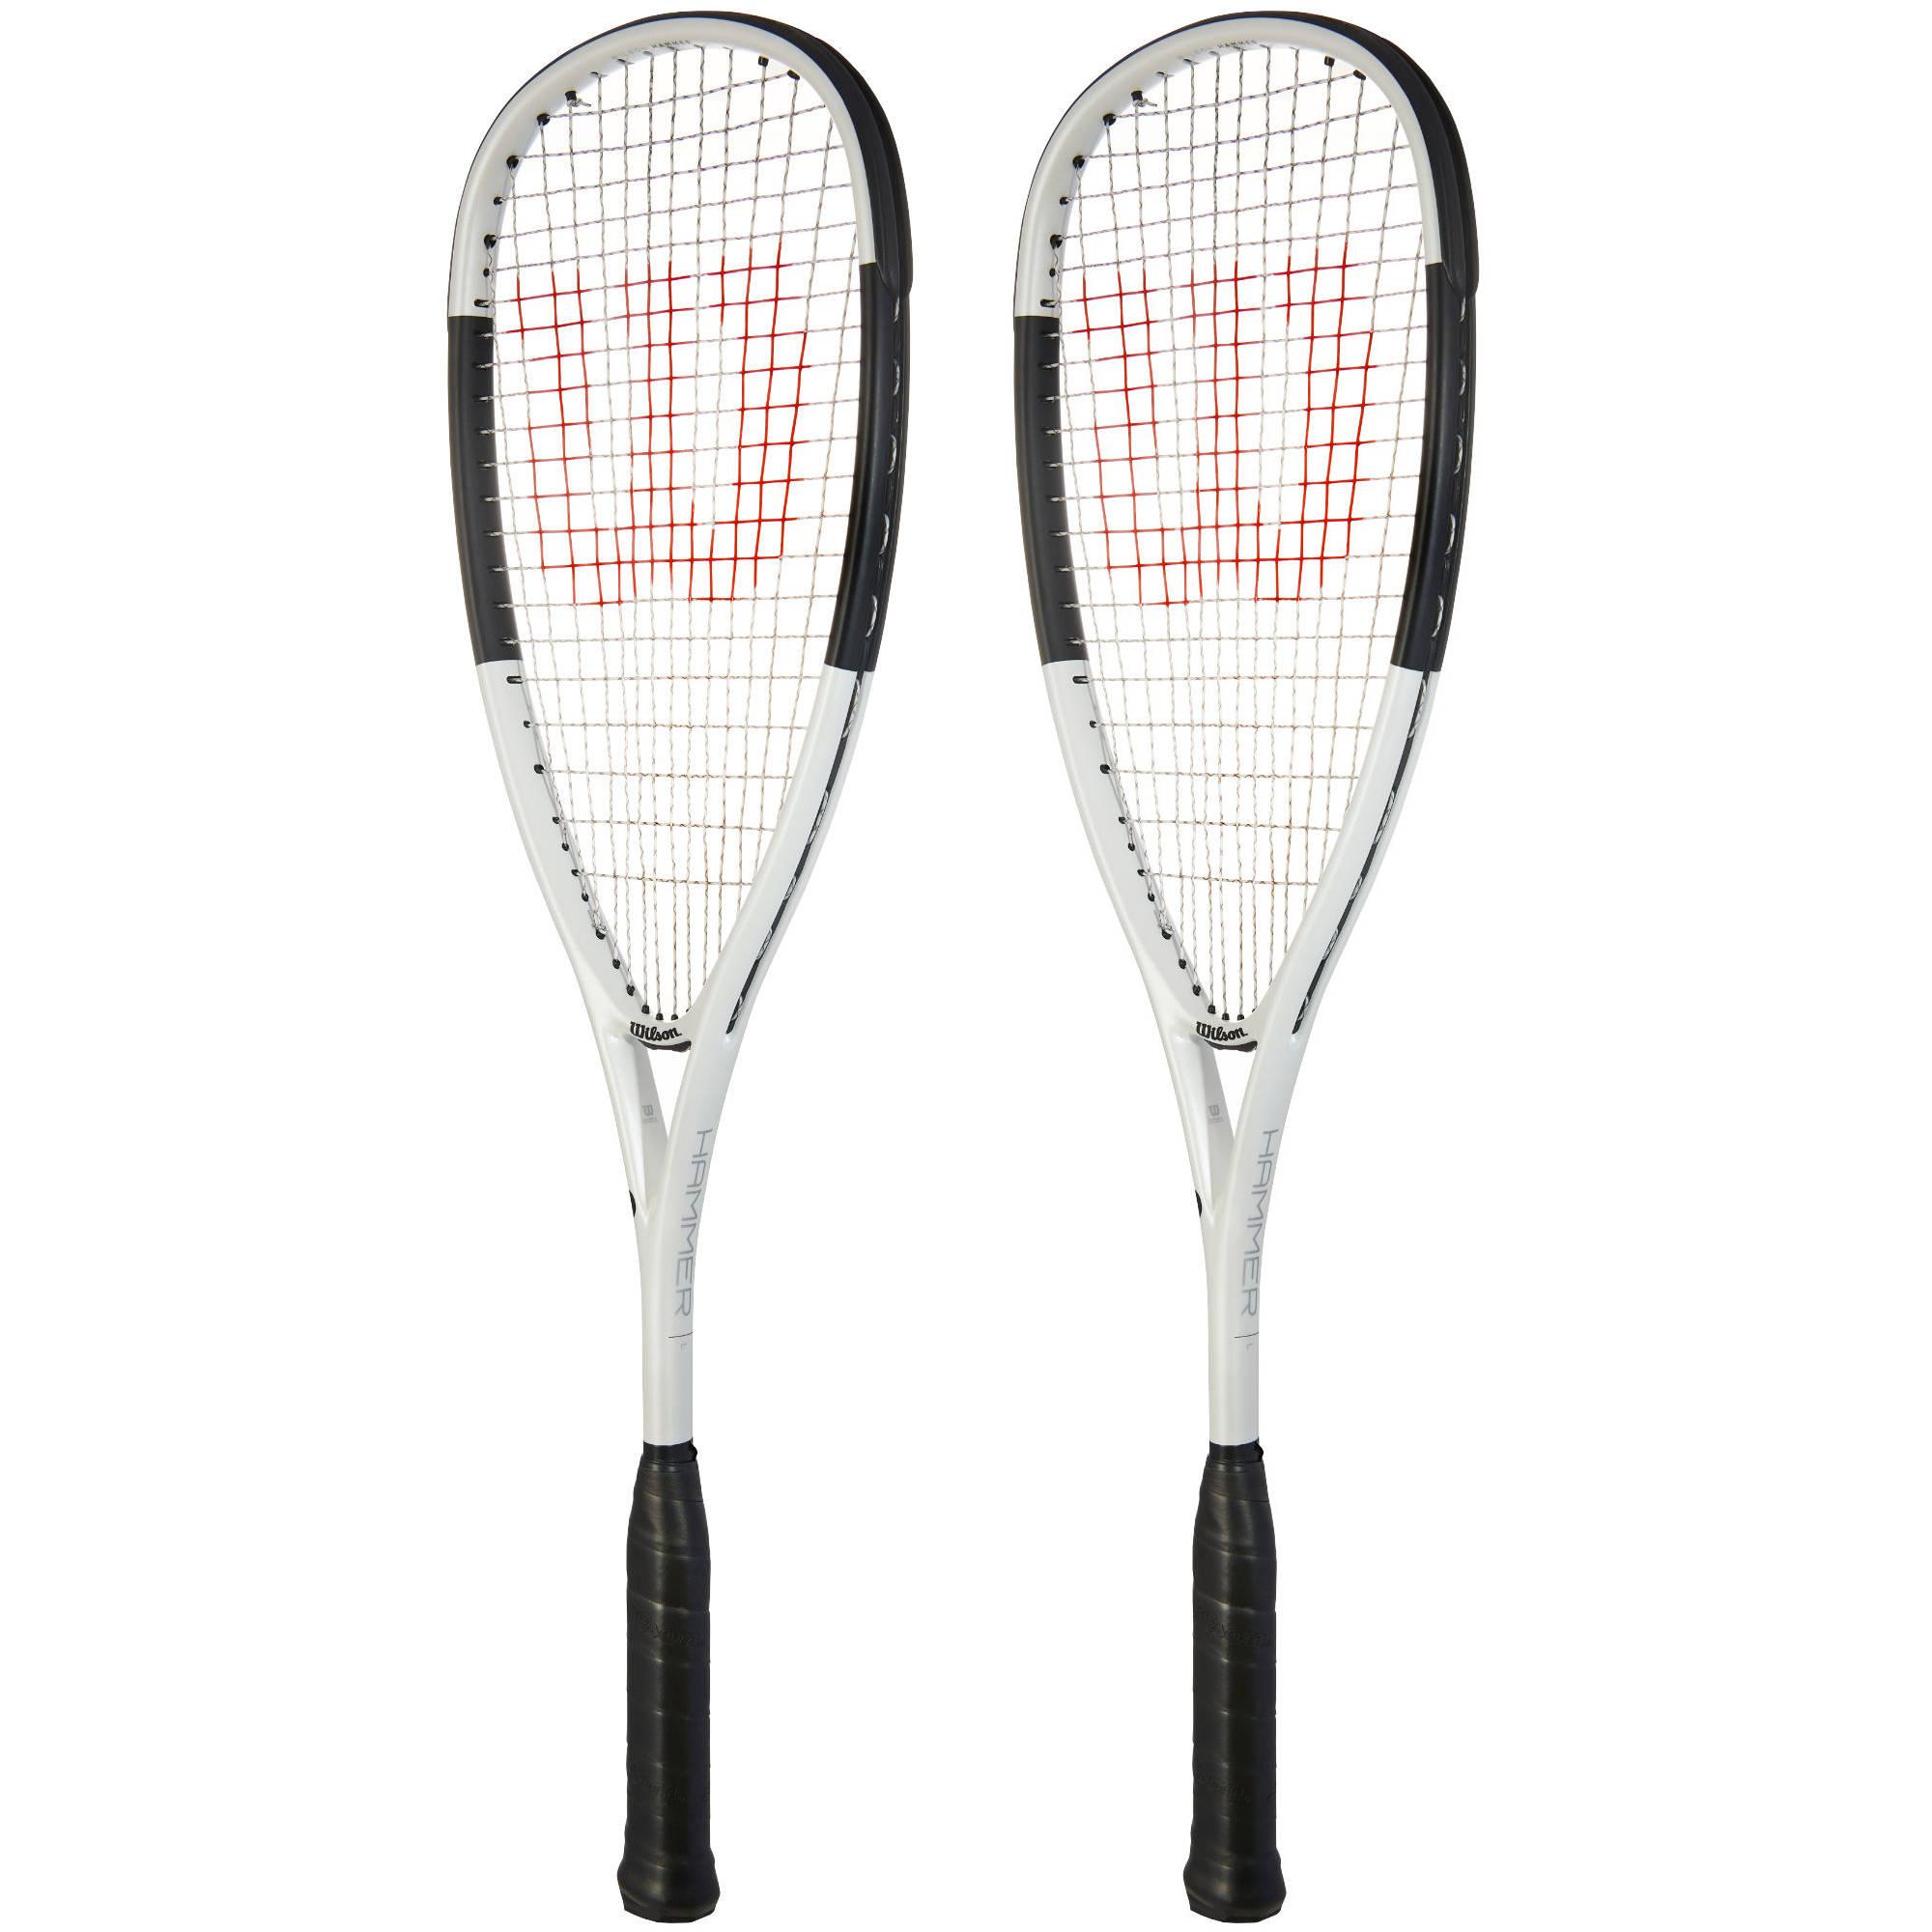 Wilson Hammer Light 120 PH Squash Racket Double Pack - White/Black